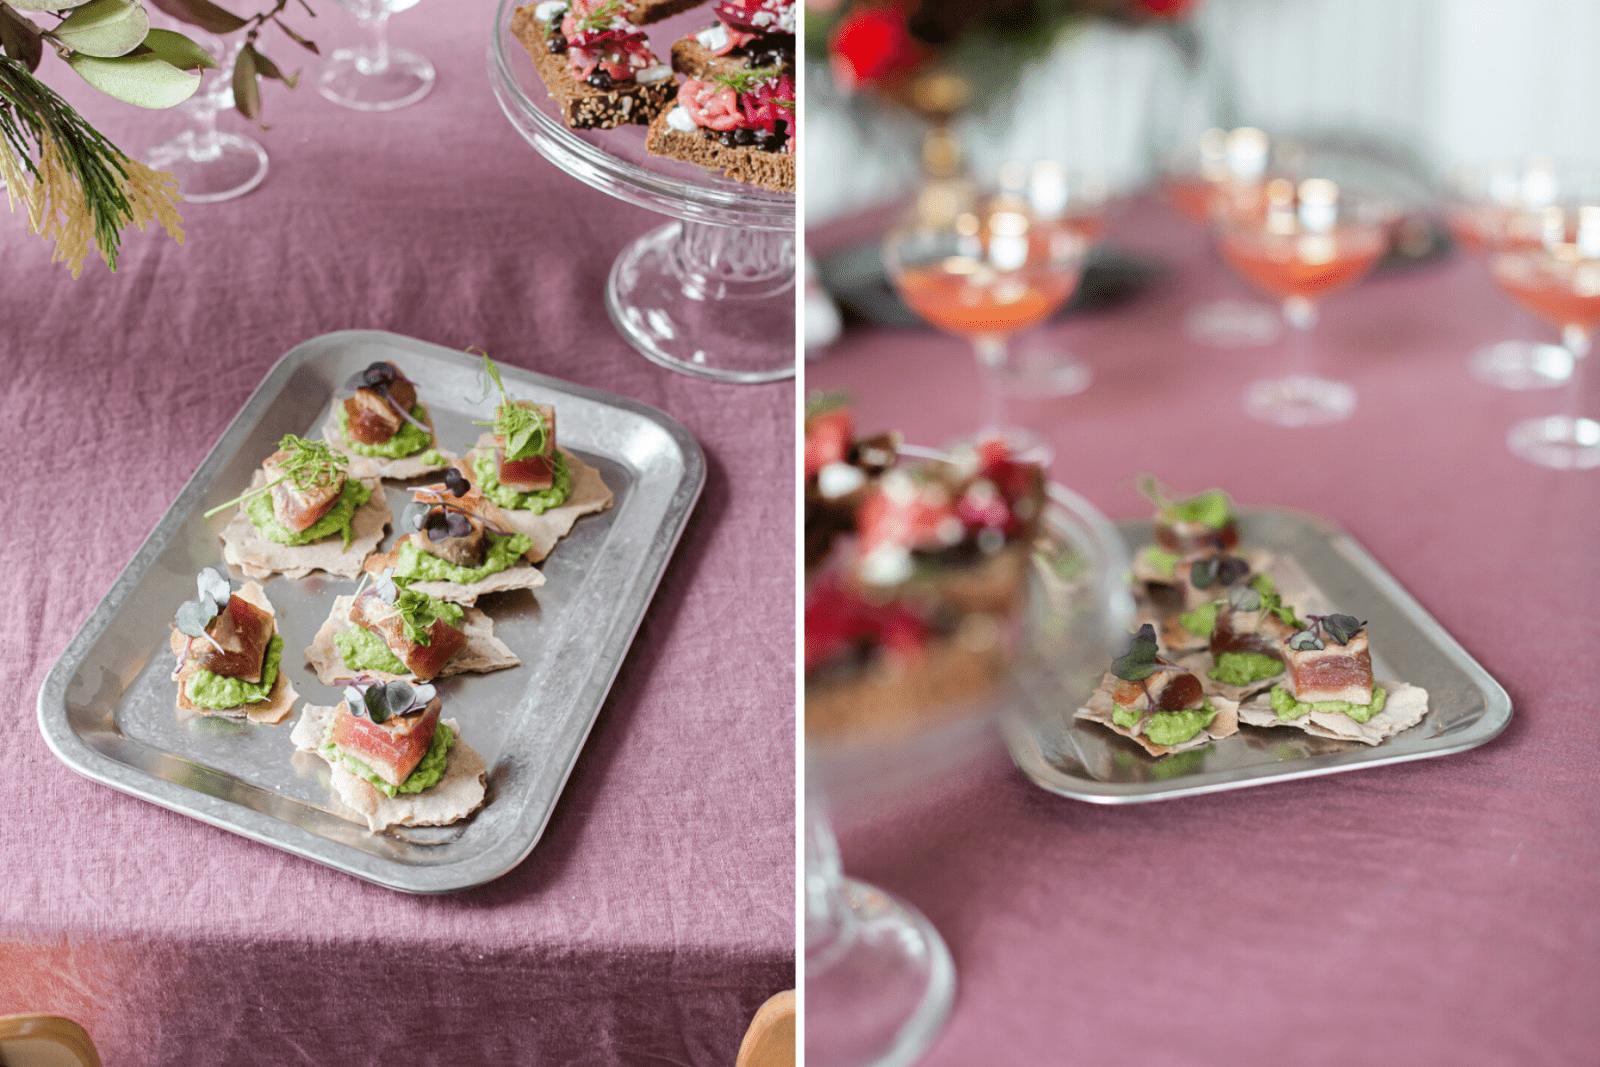 vassoio argentato opaco con crackers di segale con salmone e germogli